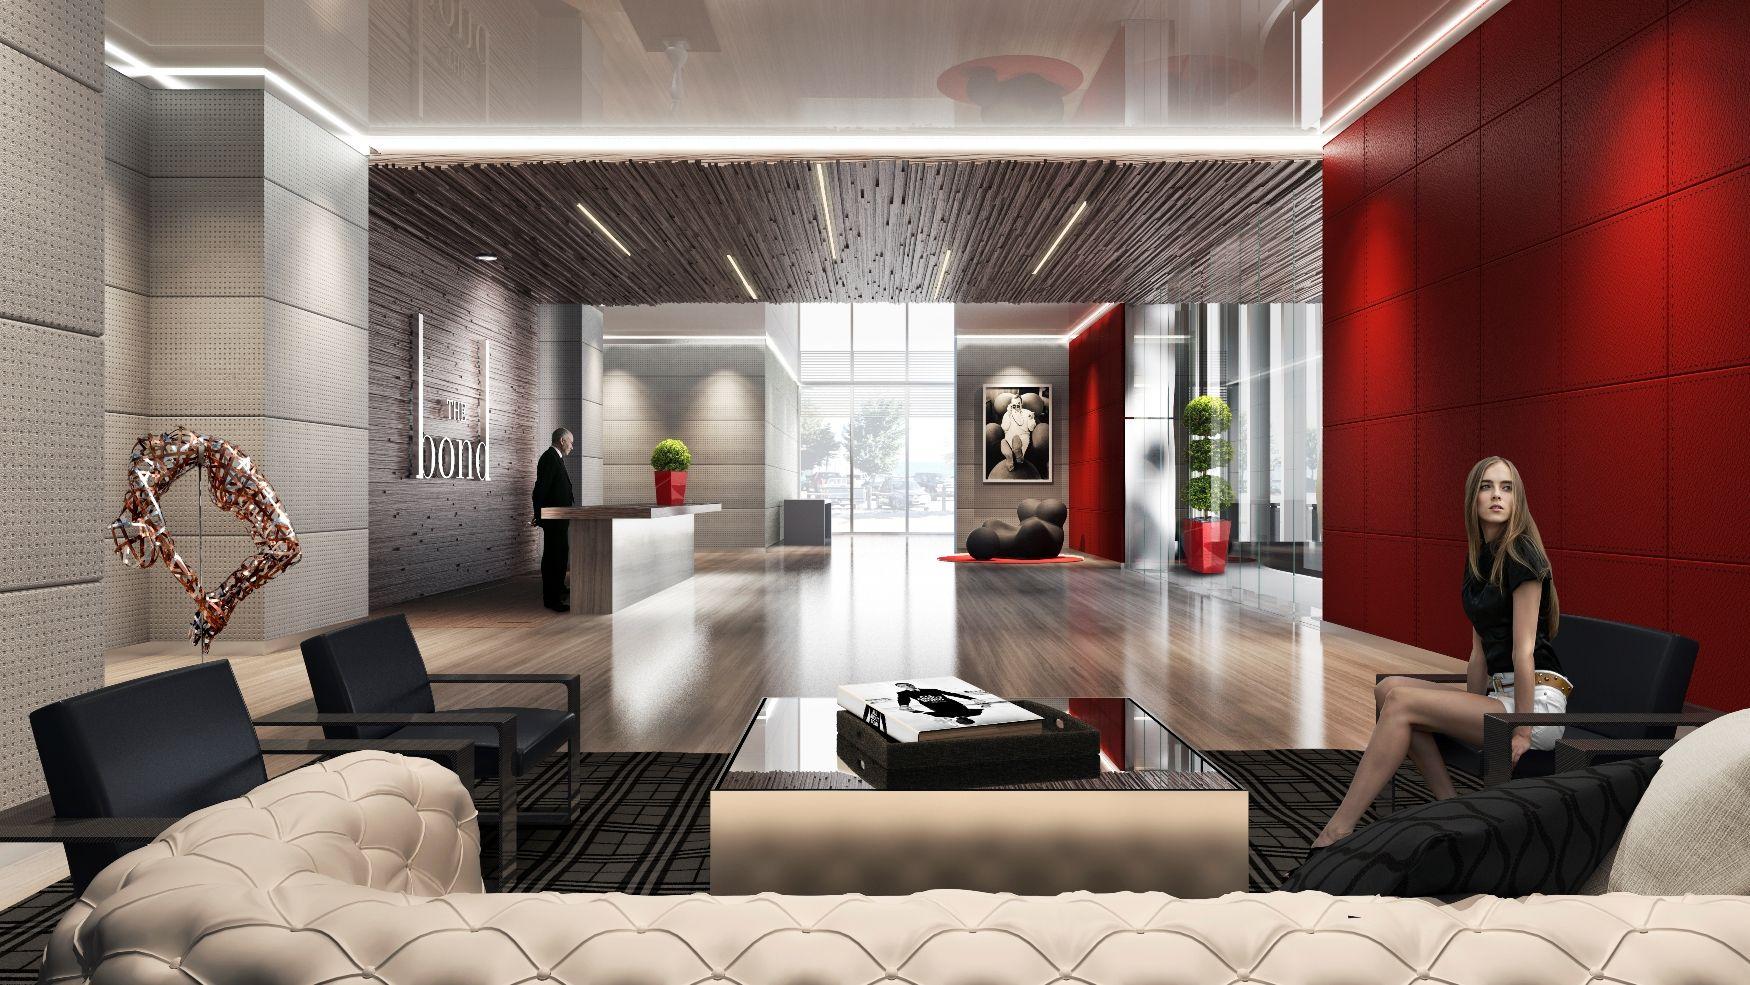 Small luxury condo lobby google search hospitality Small hotel lobby